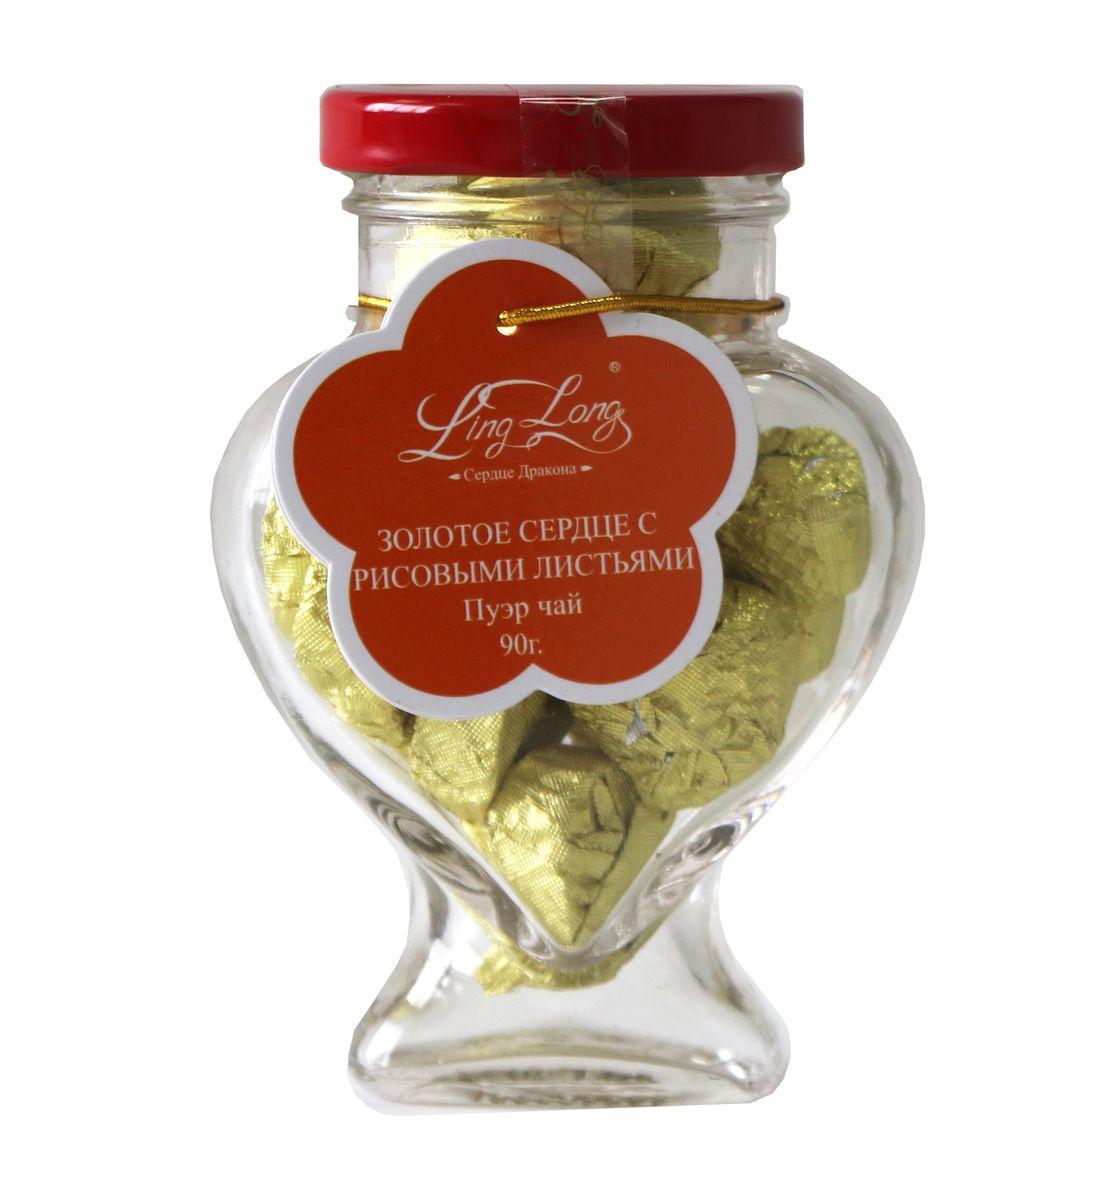 Ling Long Золотое сердце с рисовыми листьями черный листовой чай пуэр, 90 г (стеклянная банка)LL509Чай чёрный Пуэр байховый китайский крупнолистовой Ling Long Золотое сердце с рисовыми листьями. Спрессован в форме сердечка. Такой чай станет отличным подарком друзьям или близким.